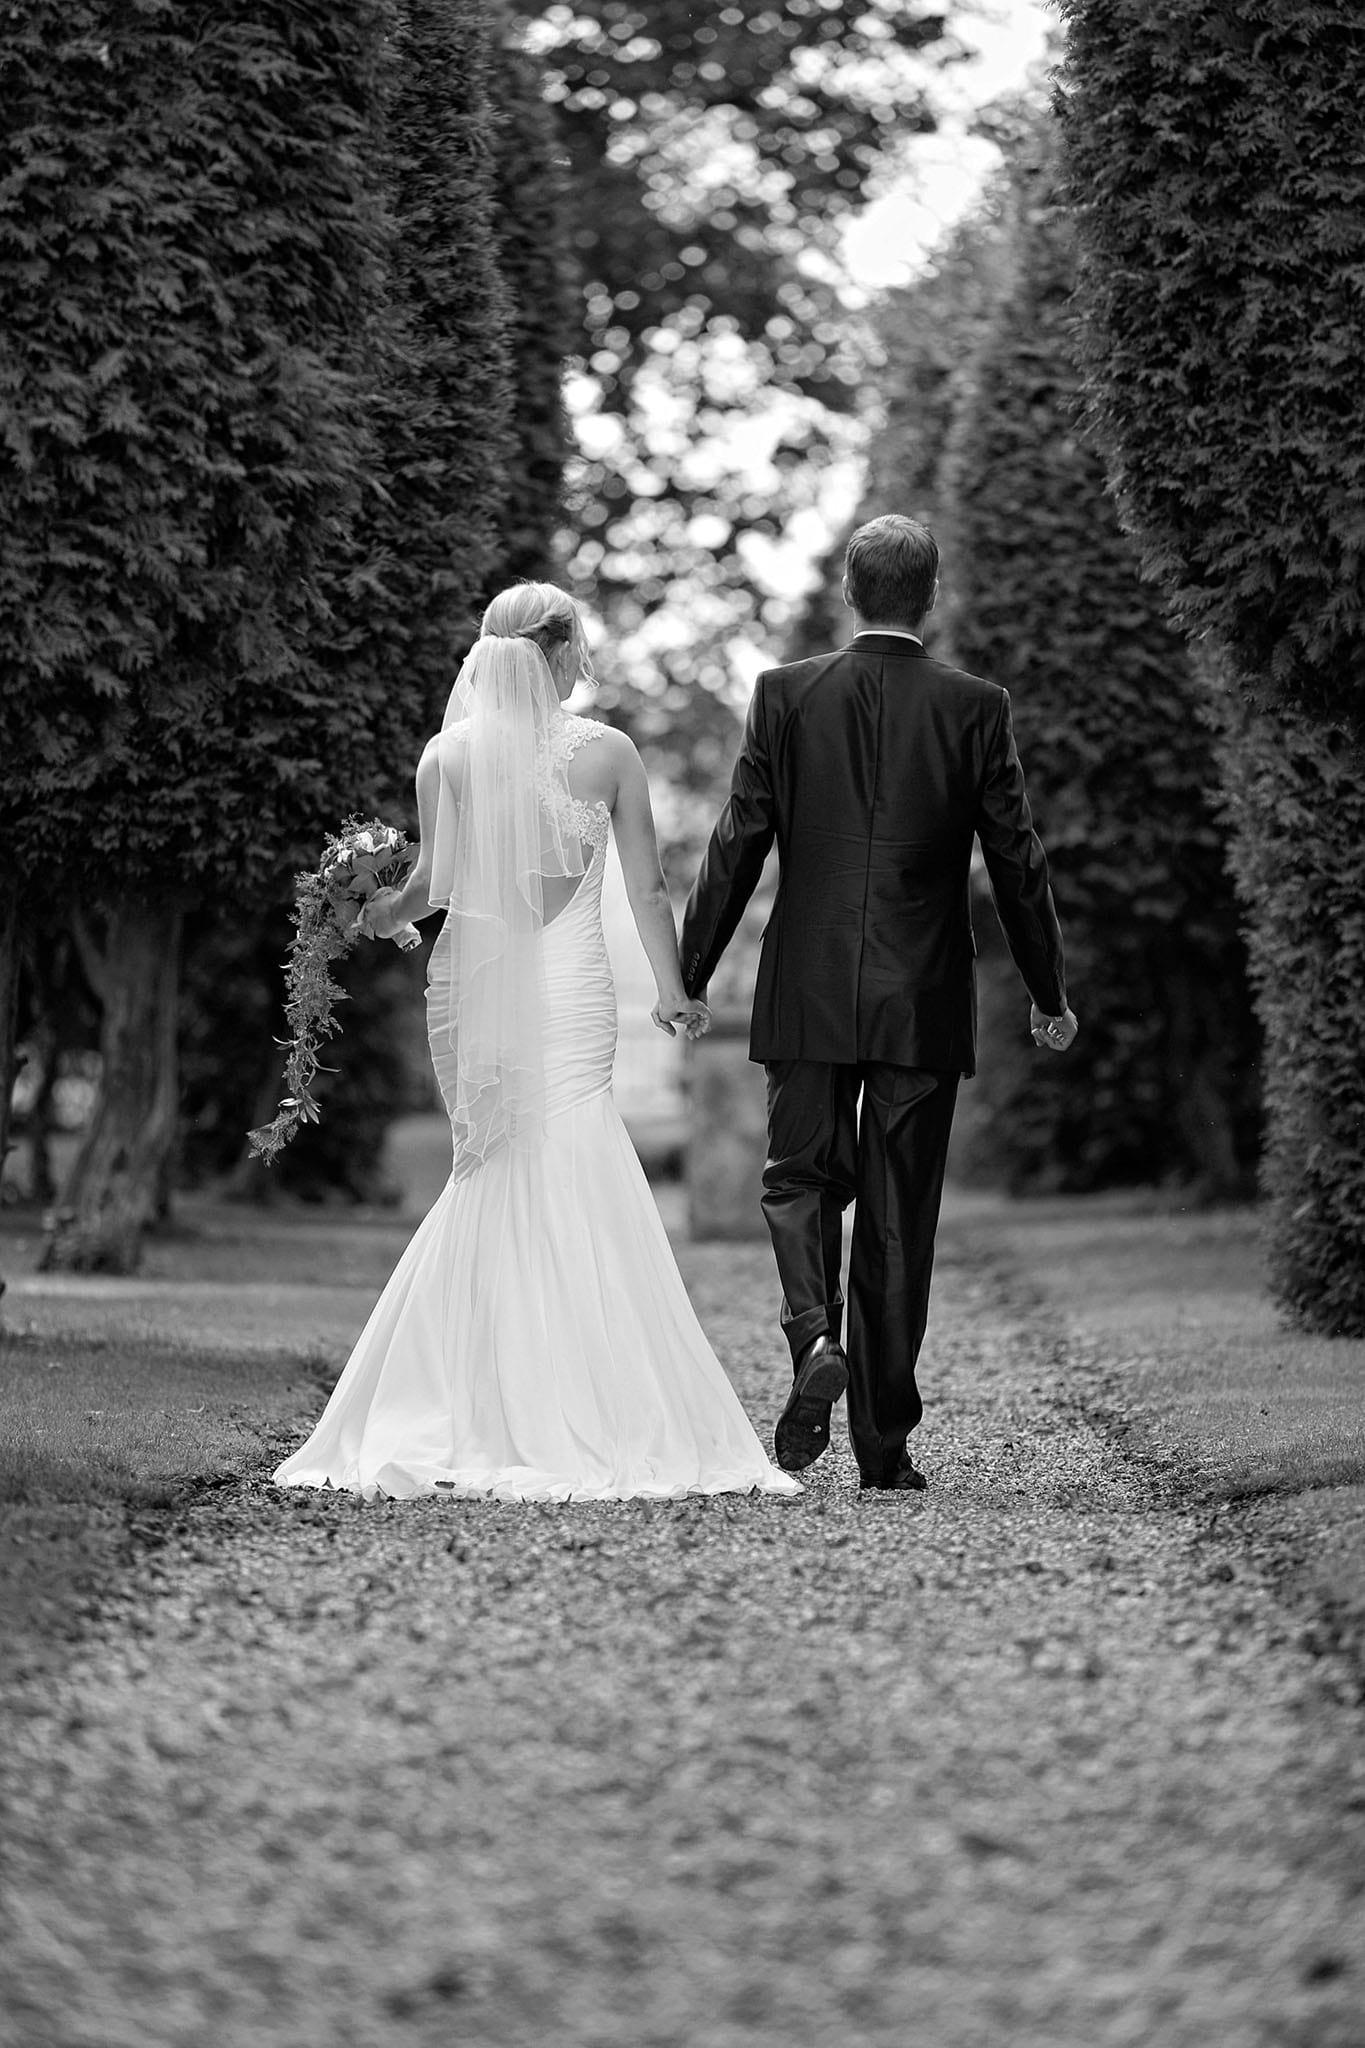 Hochzeit 028 Brautpaar Braut Bräutigam Hochzeit heiraten Park Brautstrauß Hochzeitsfoto Hochzeitsfotografie Daniel Fuss Fotografie